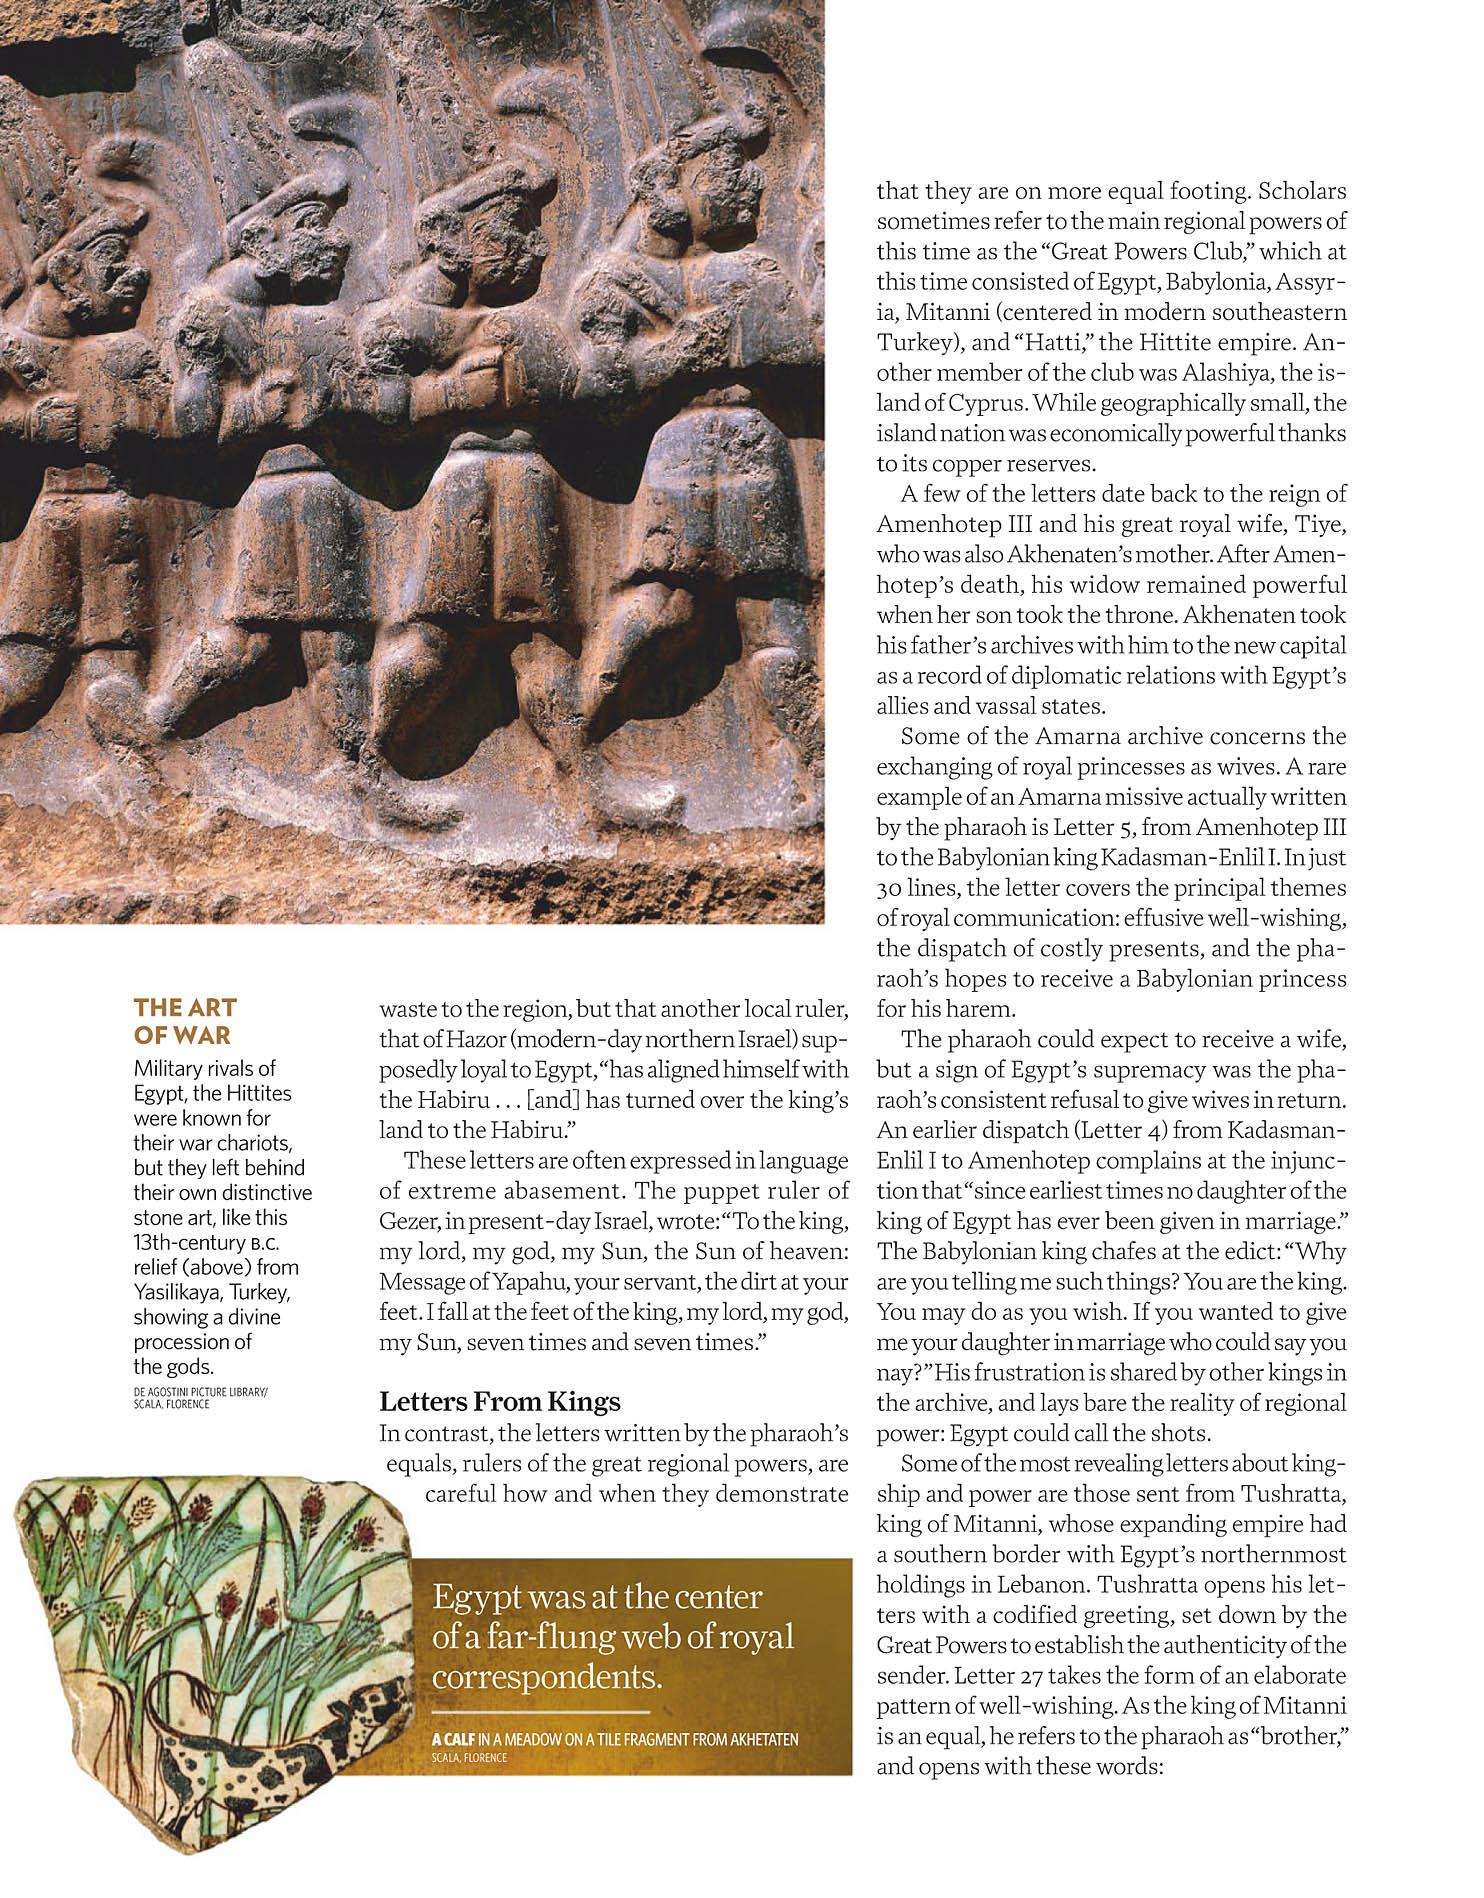 NG History 2020-11-12 Egypt 08.jpg